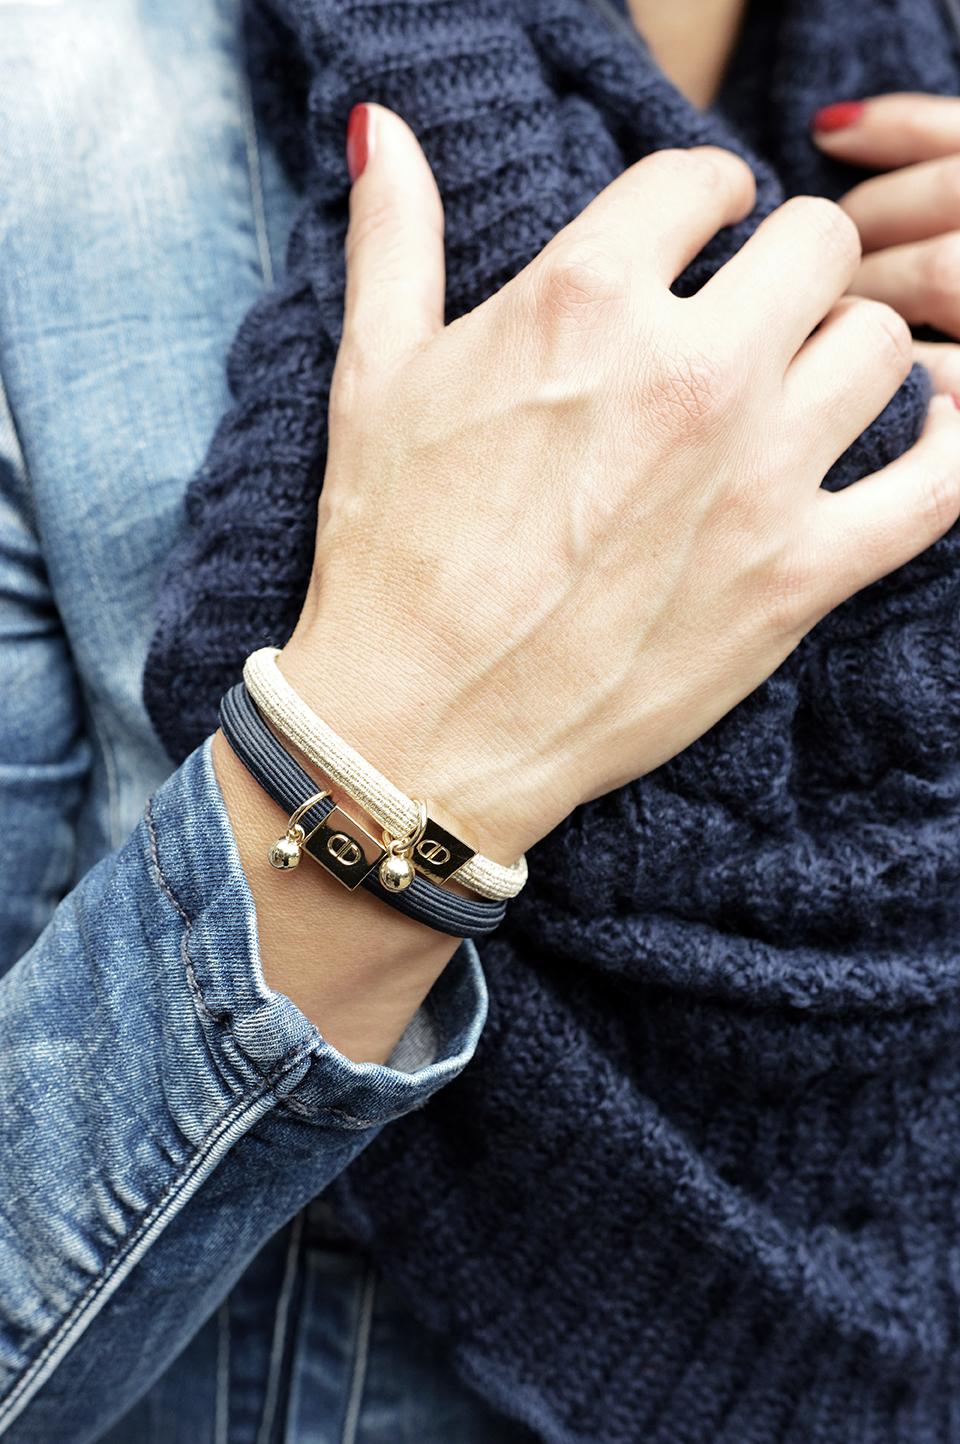 Armband elasitc blau